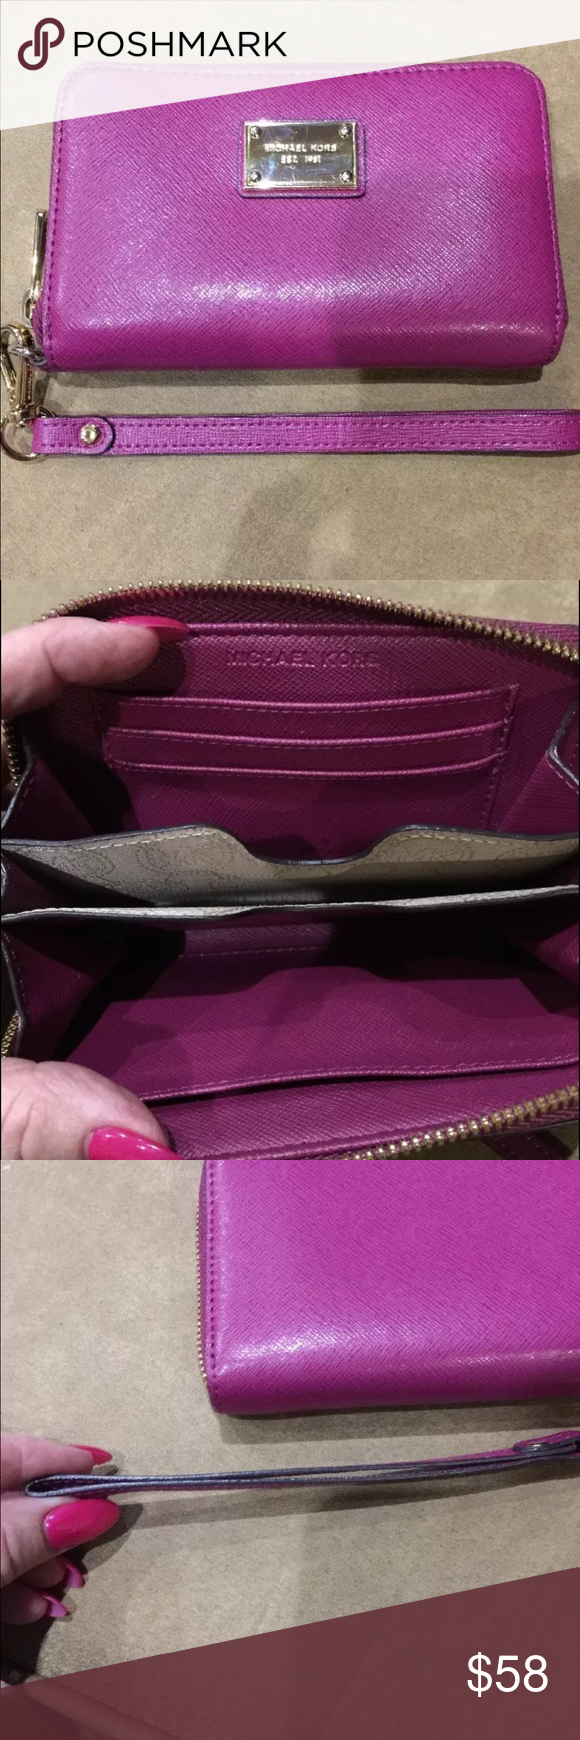 Michael Kors Wristlet In excellent condition. Michael Kors Bags Clutches & Wristlets